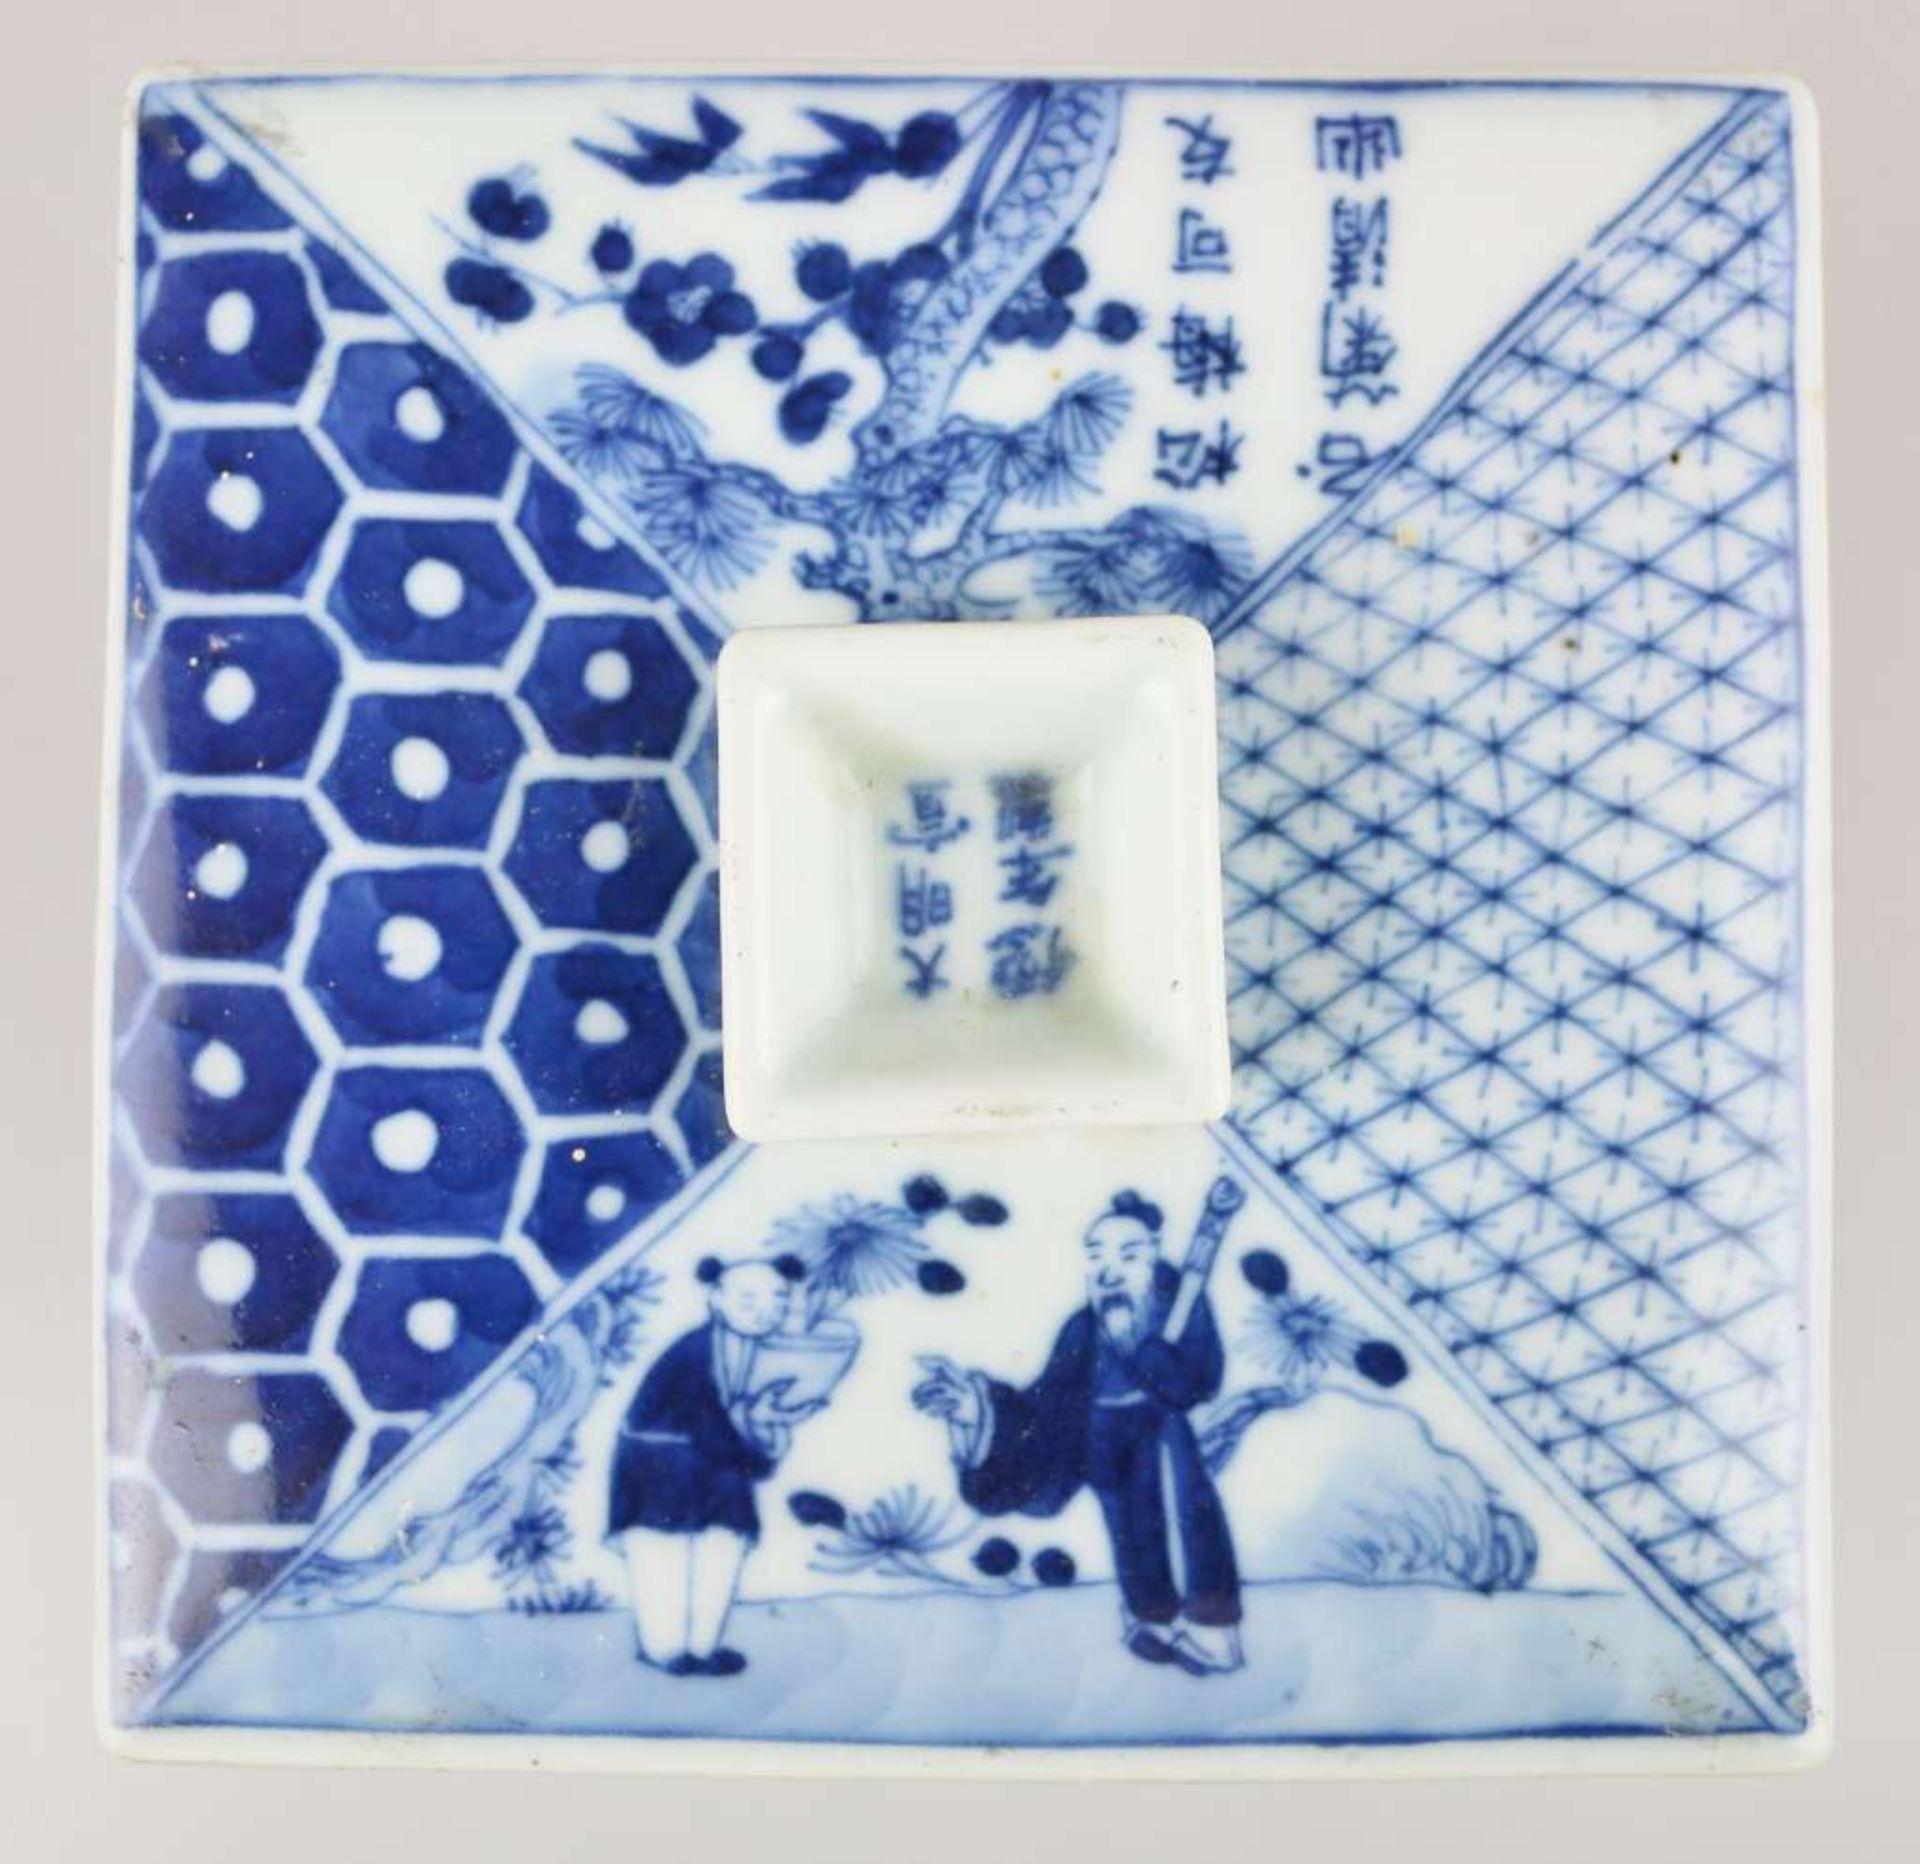 Ein blau-weiß quadratischer Schreibwarenbehälter mit Abdeckung, bestehend aus vier Teilen, ei - Bild 5 aus 5